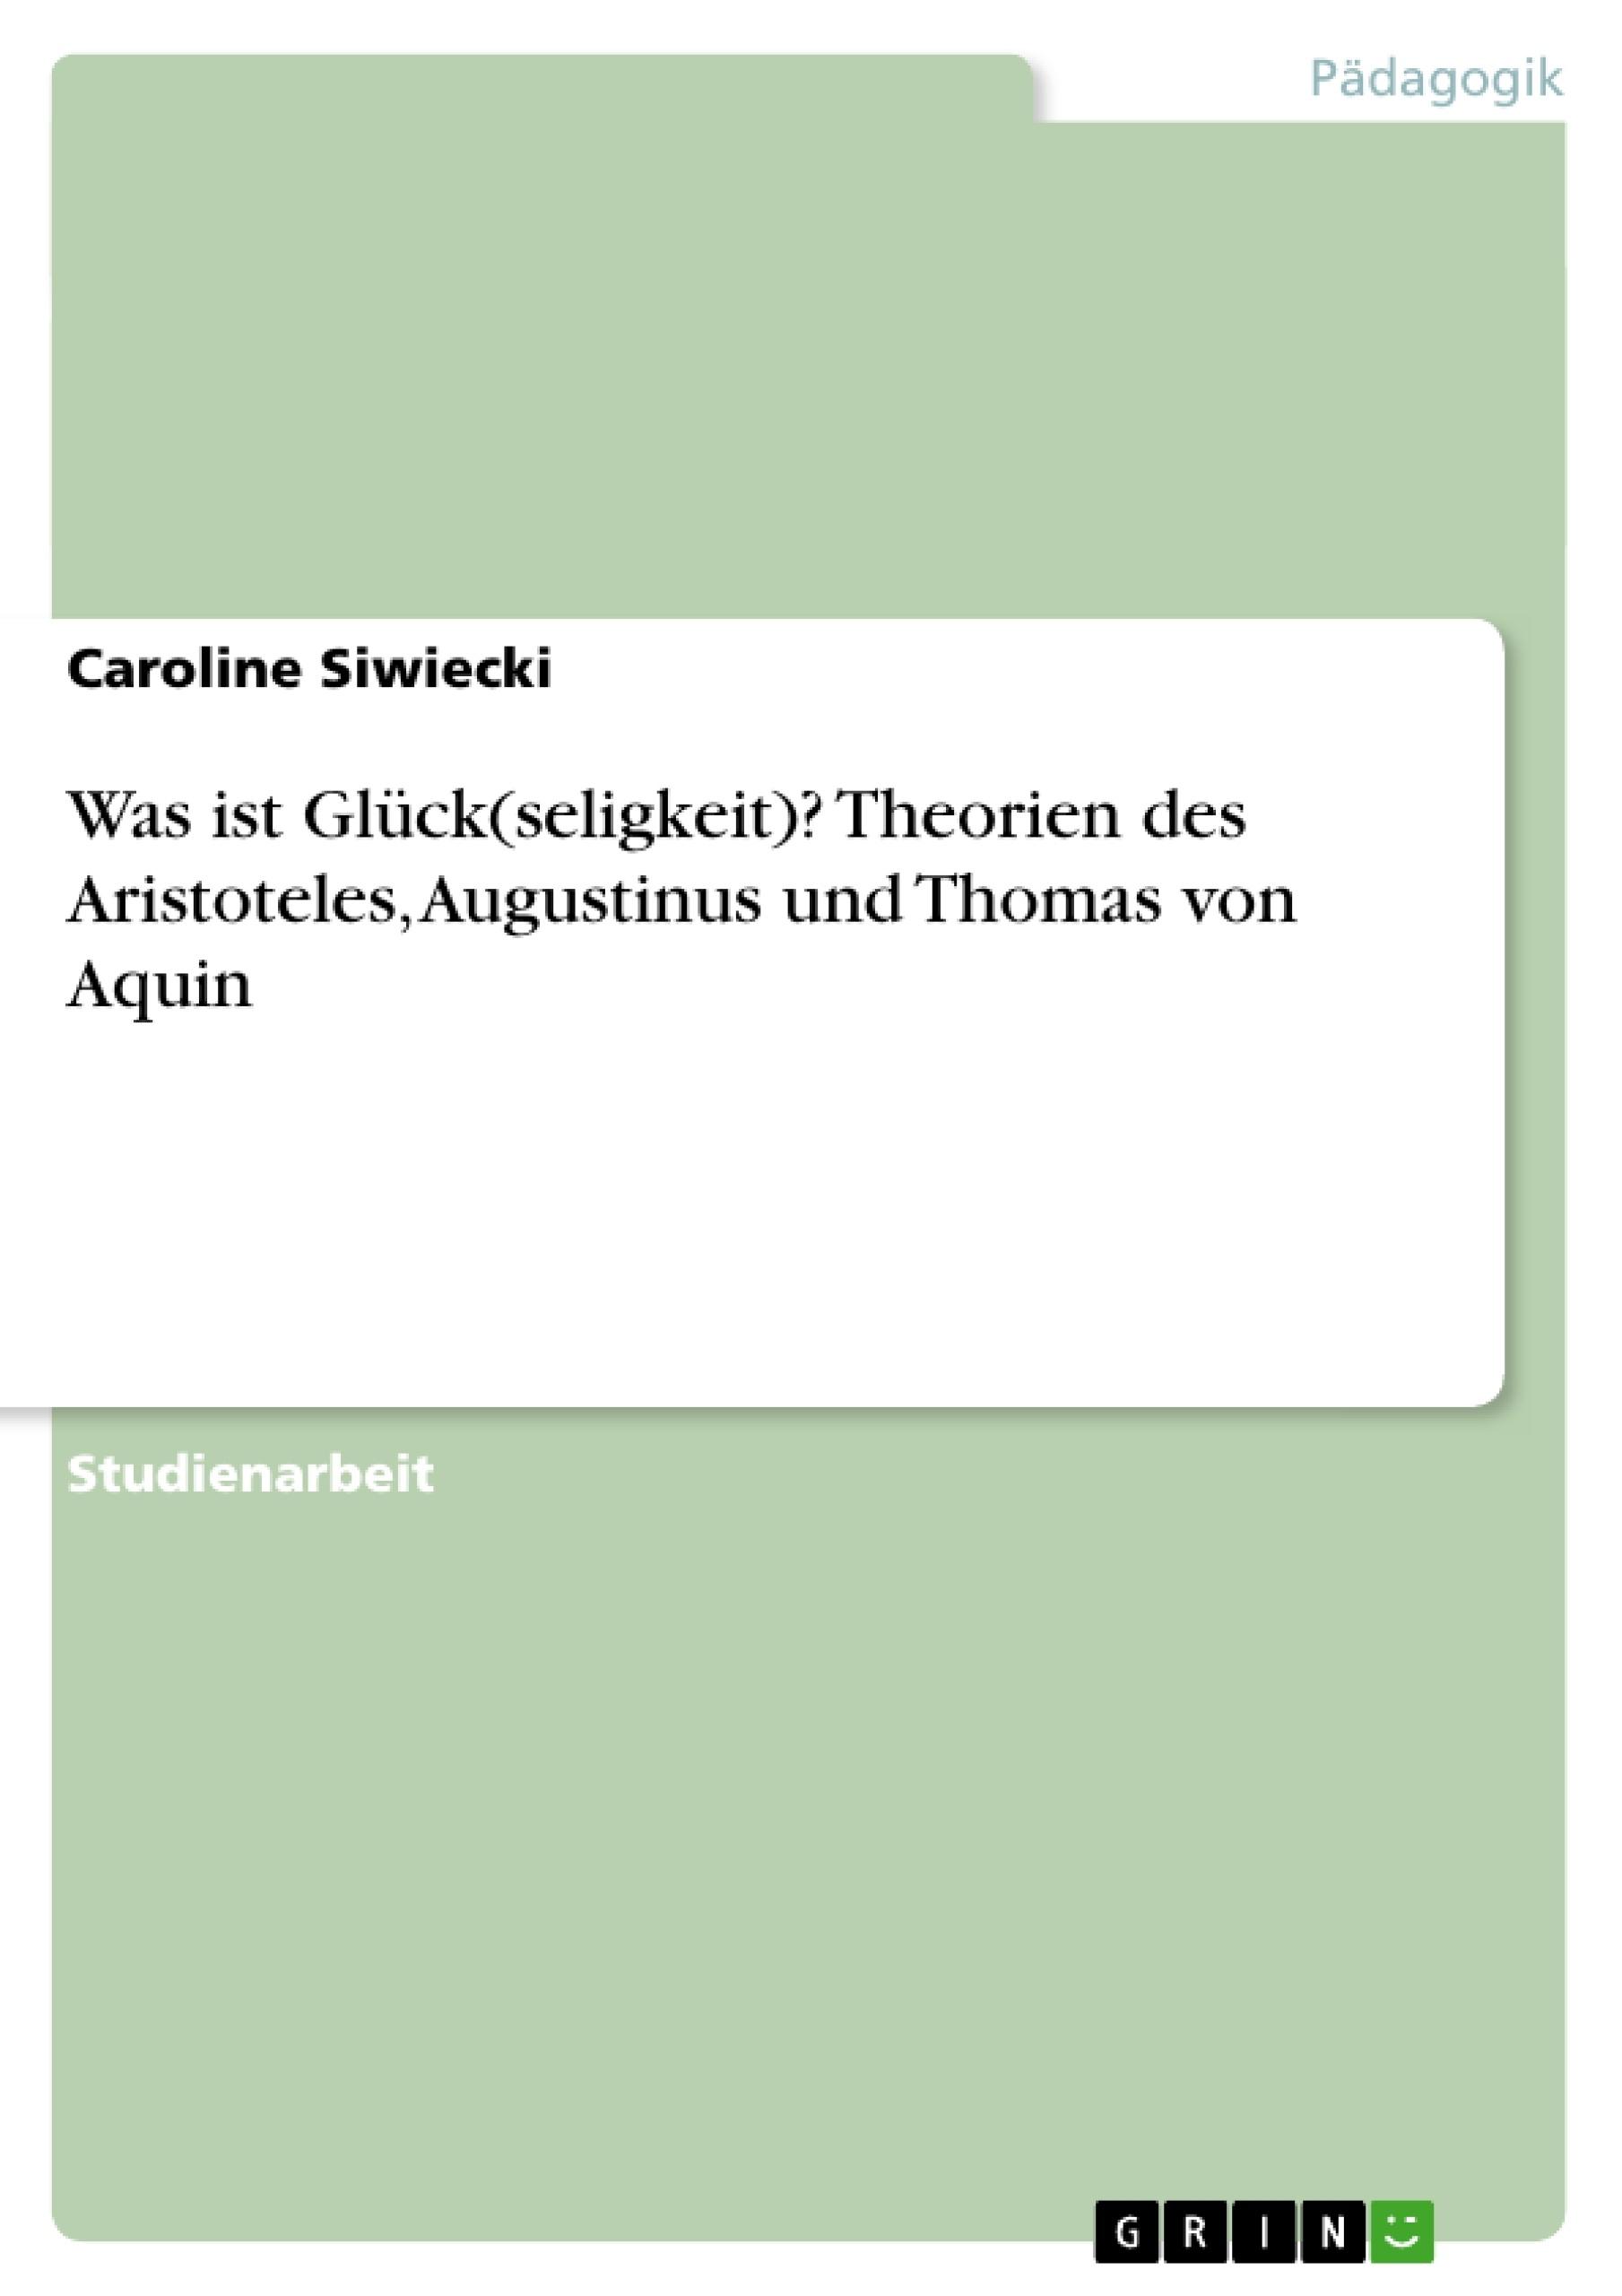 Titel: Was ist Glück(seligkeit)? Theorien des Aristoteles, Augustinus und Thomas von Aquin